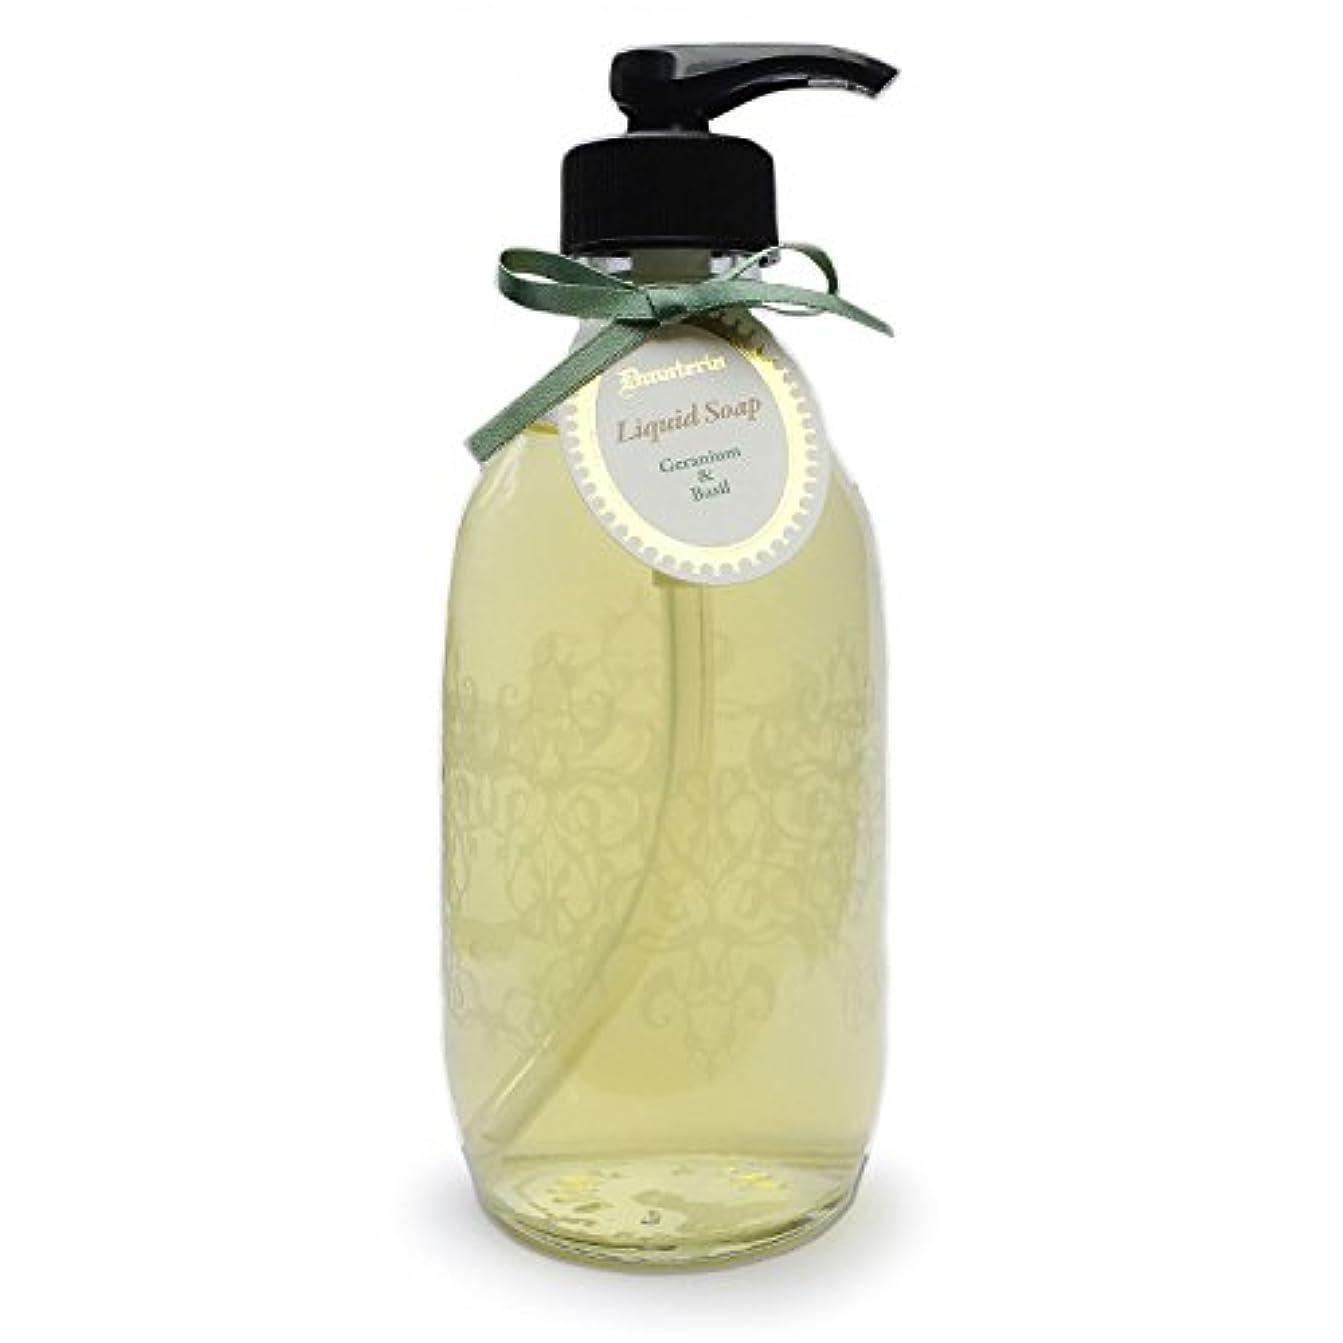 山積みのボイコットベテランD materia リキッドソープ ゼラニウム&バジル Geranium&Basil Liquid Soap ディーマテリア